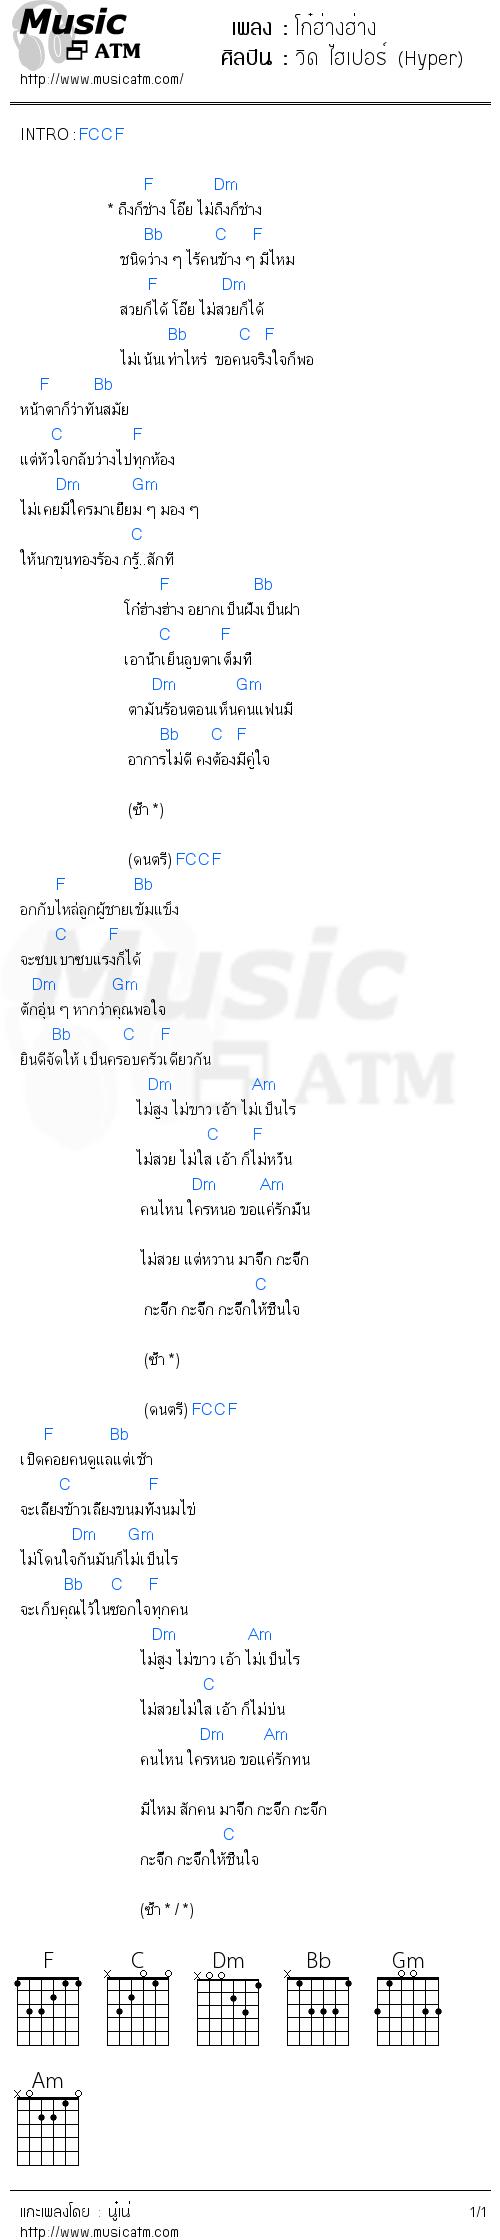 คอร์ดเพลง โก๋ฮ่างฮ่าง - วิด ไฮเปอร์ (Hyper) | คอร์ดเพลงใหม่